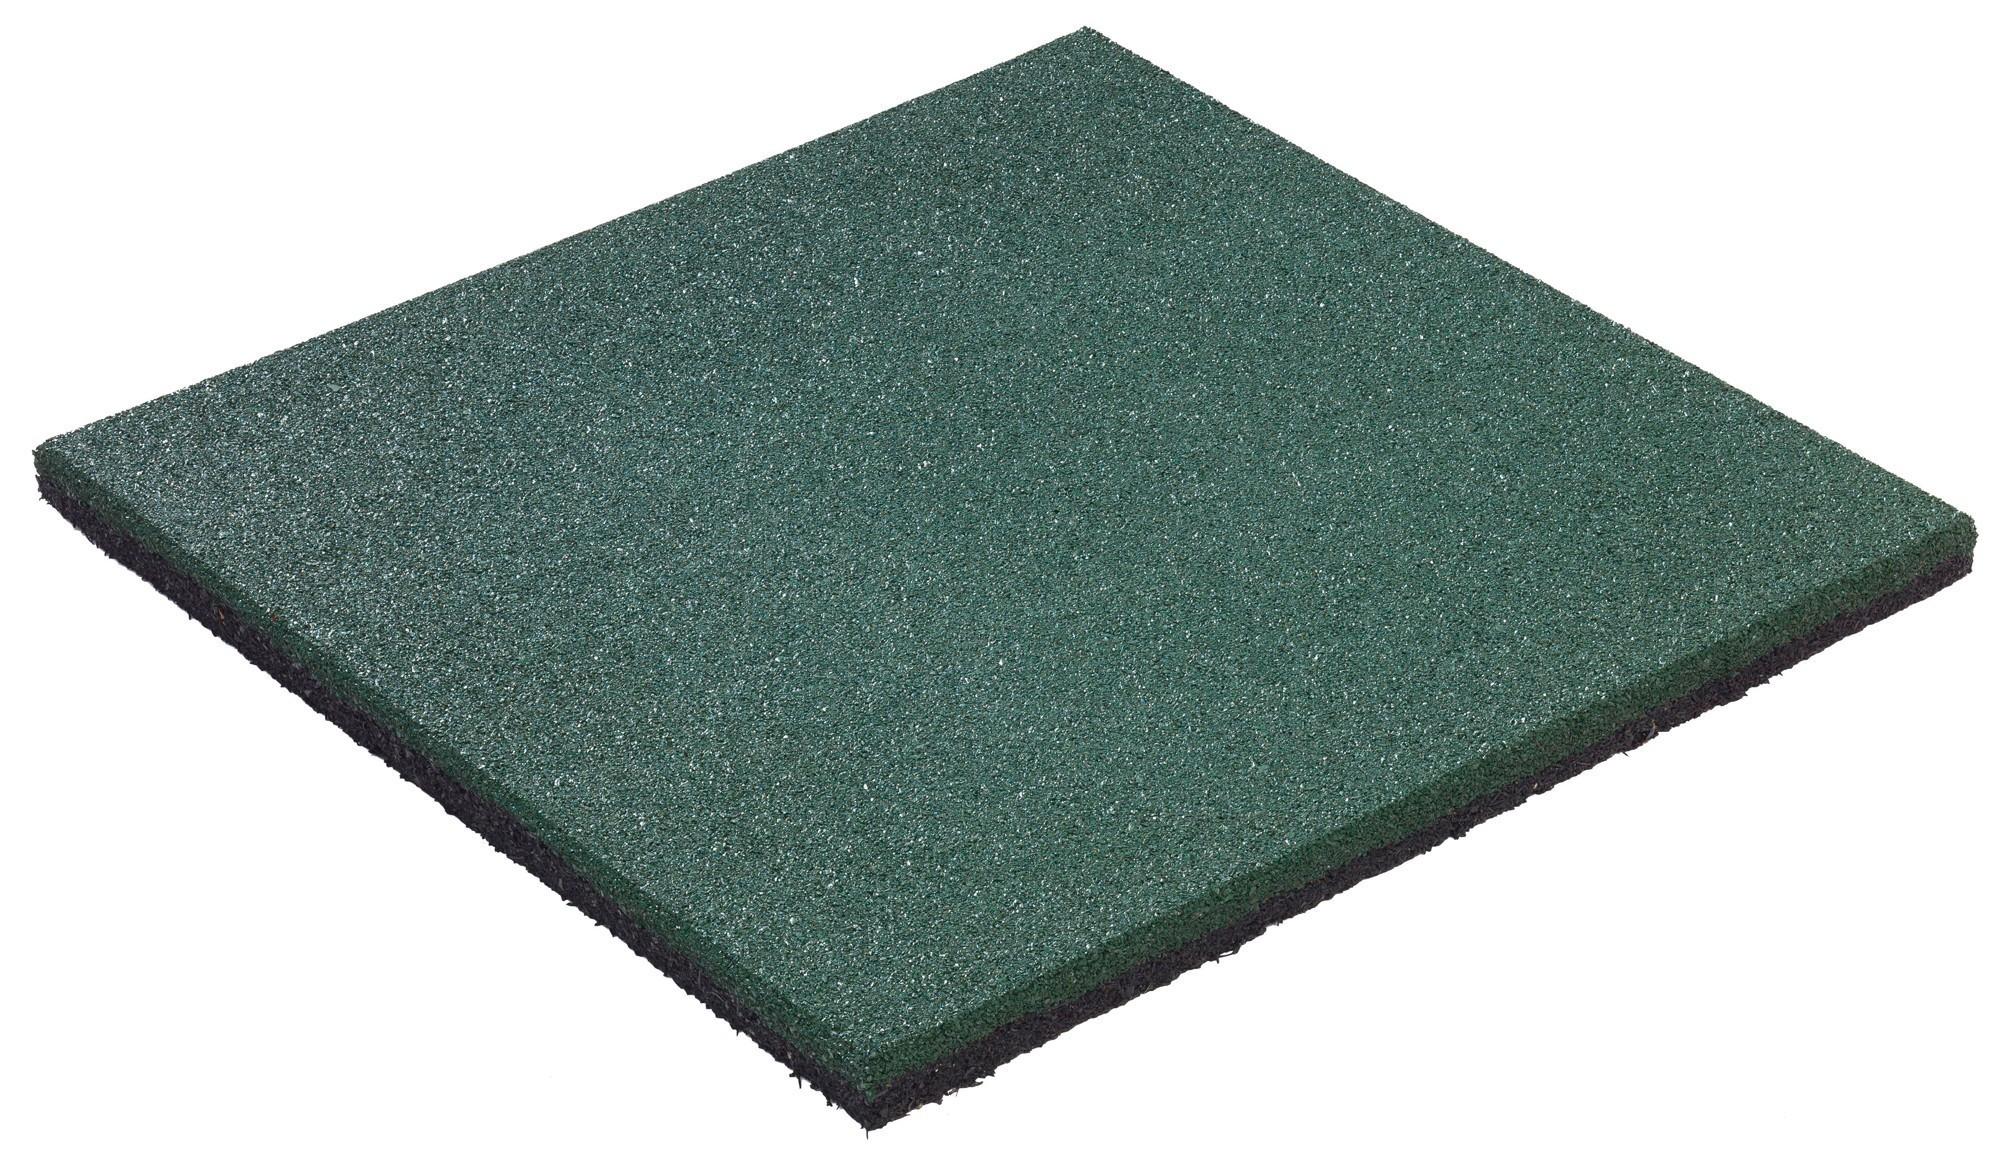 Fallschutzplatte / Gummimatte hicar grün 500x500x25mm Bild 1